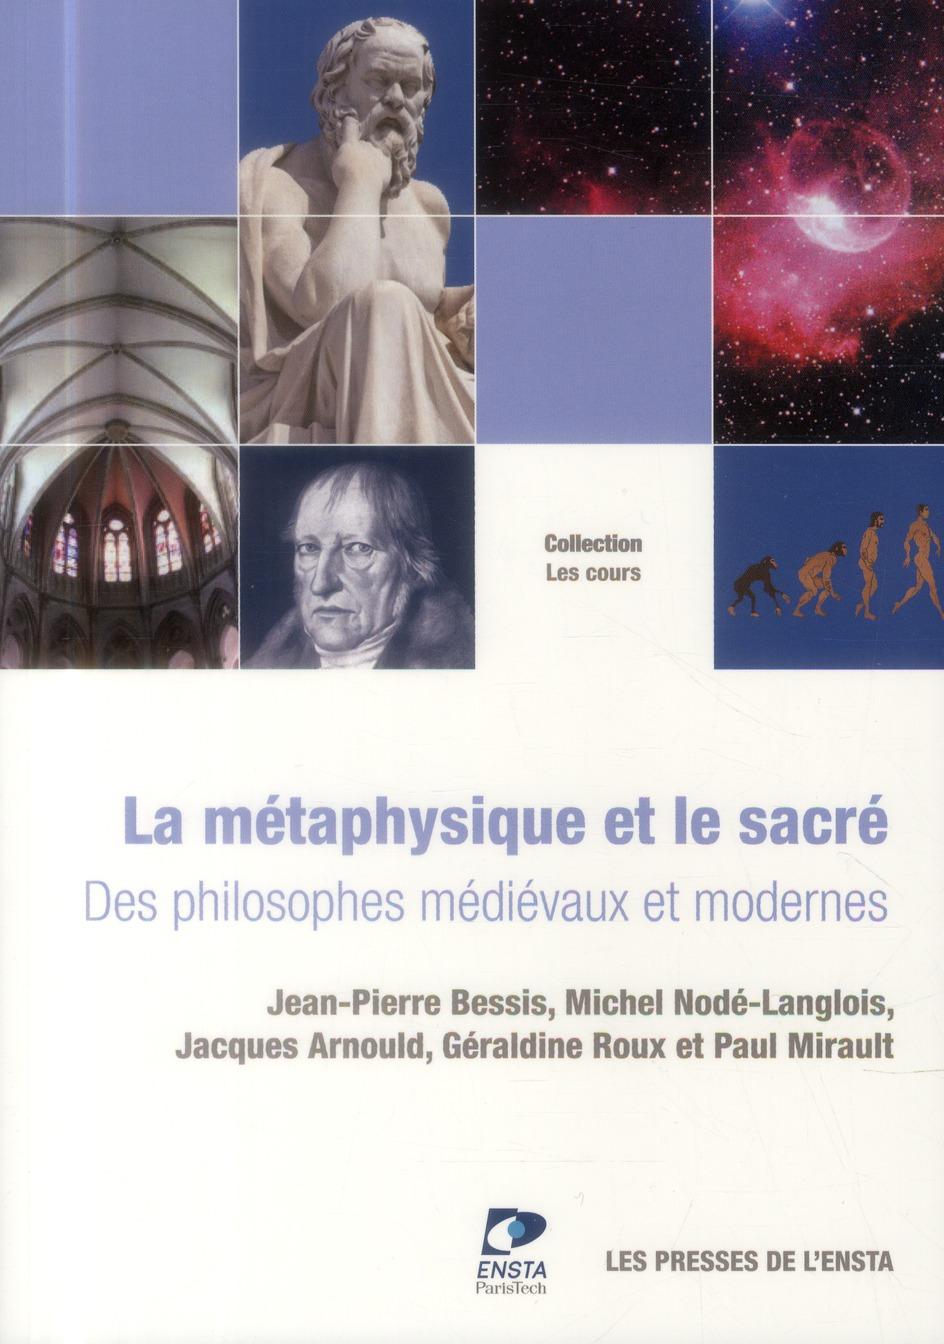 La métaphysique et le sacré ; des philosophes médiévaux et modernes